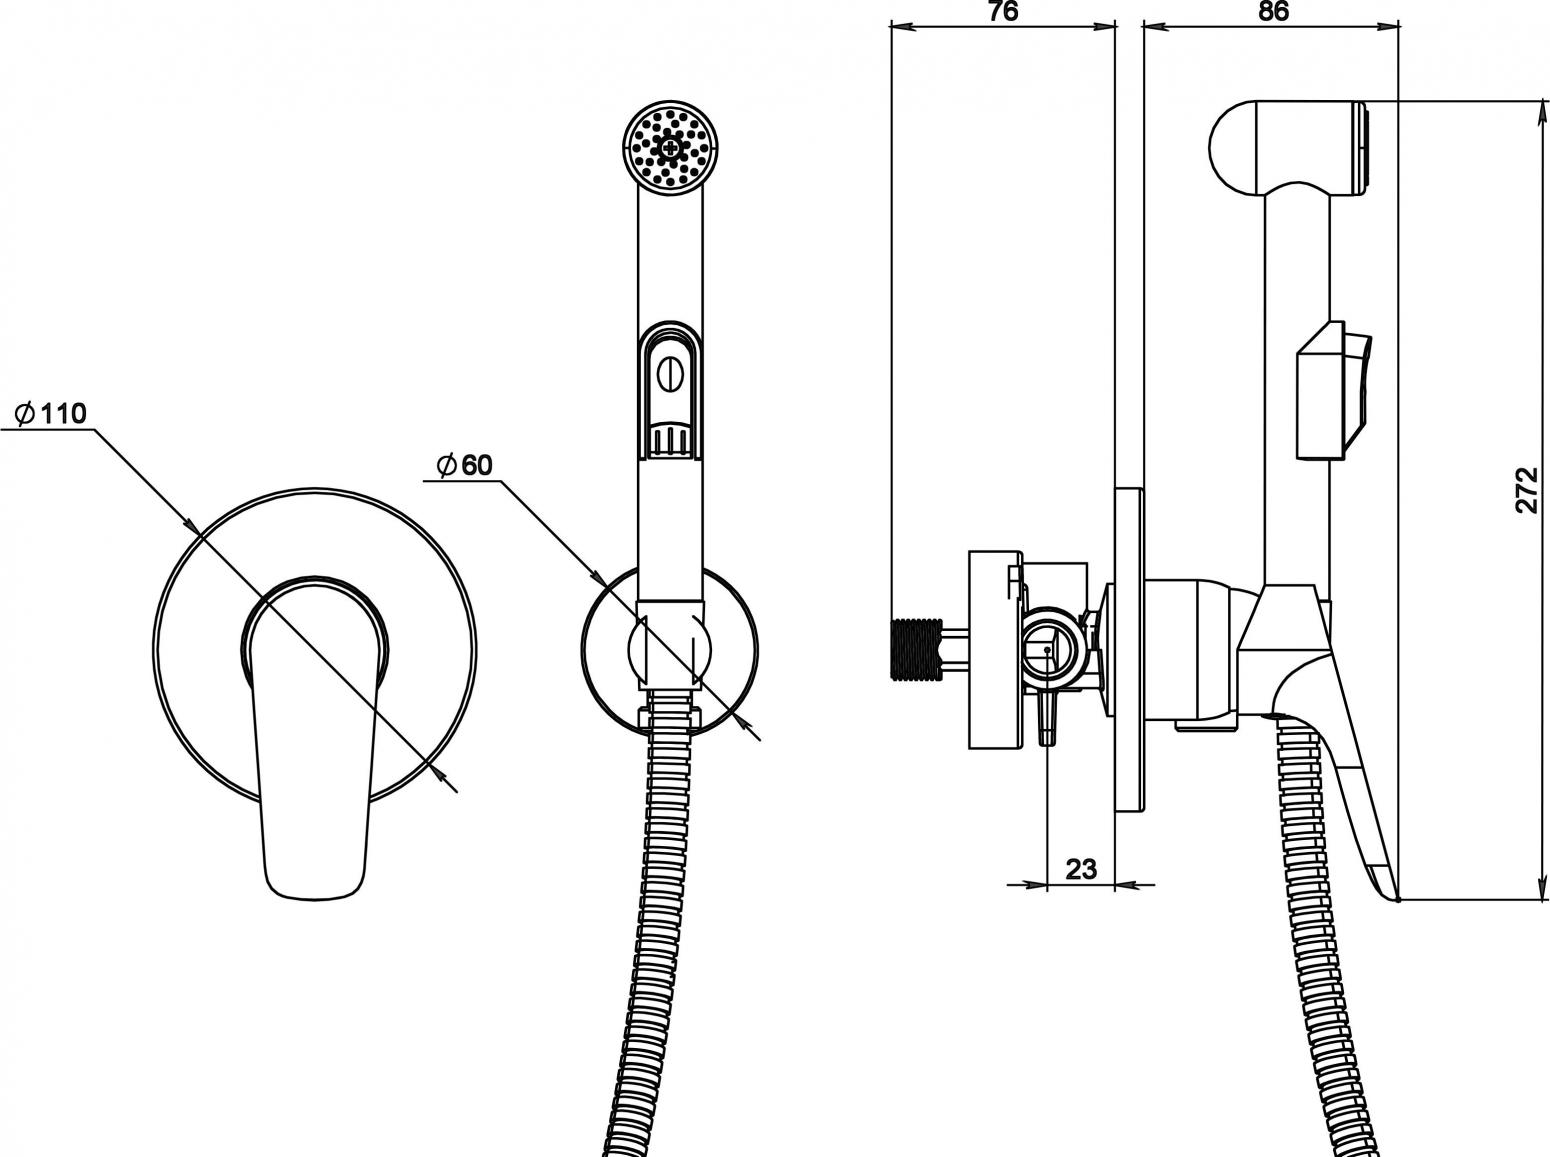 Гигиенический душ для унитаза – что это такое, как выглядит, для чего нужен, плюсы и минусы